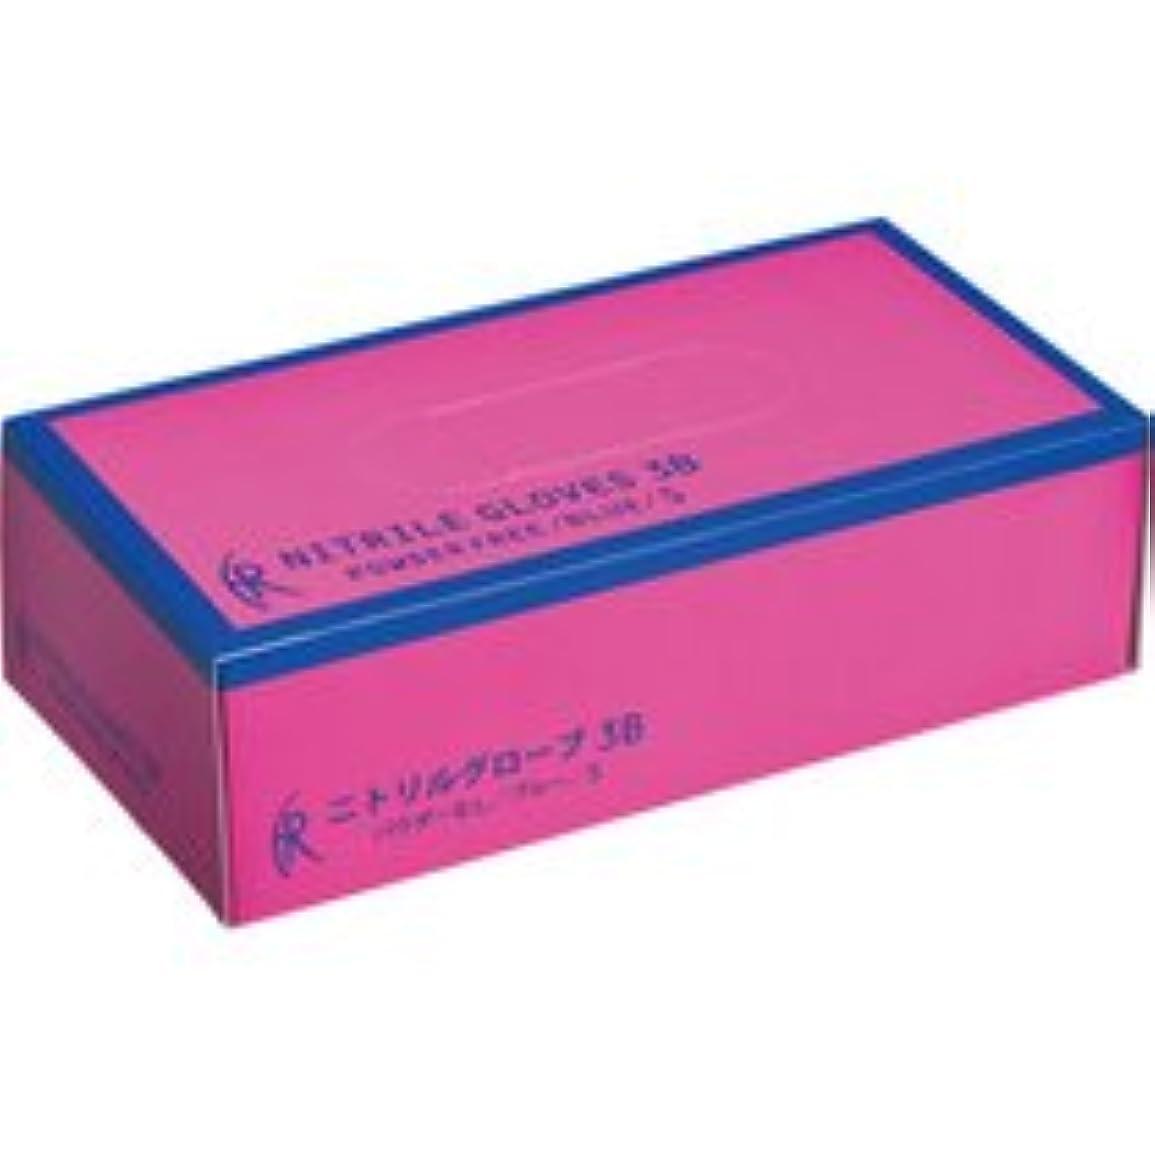 厚いローブ正午ファーストレイト ニトリルグローブ3B パウダーフリー S FR-5661 1箱(200枚)